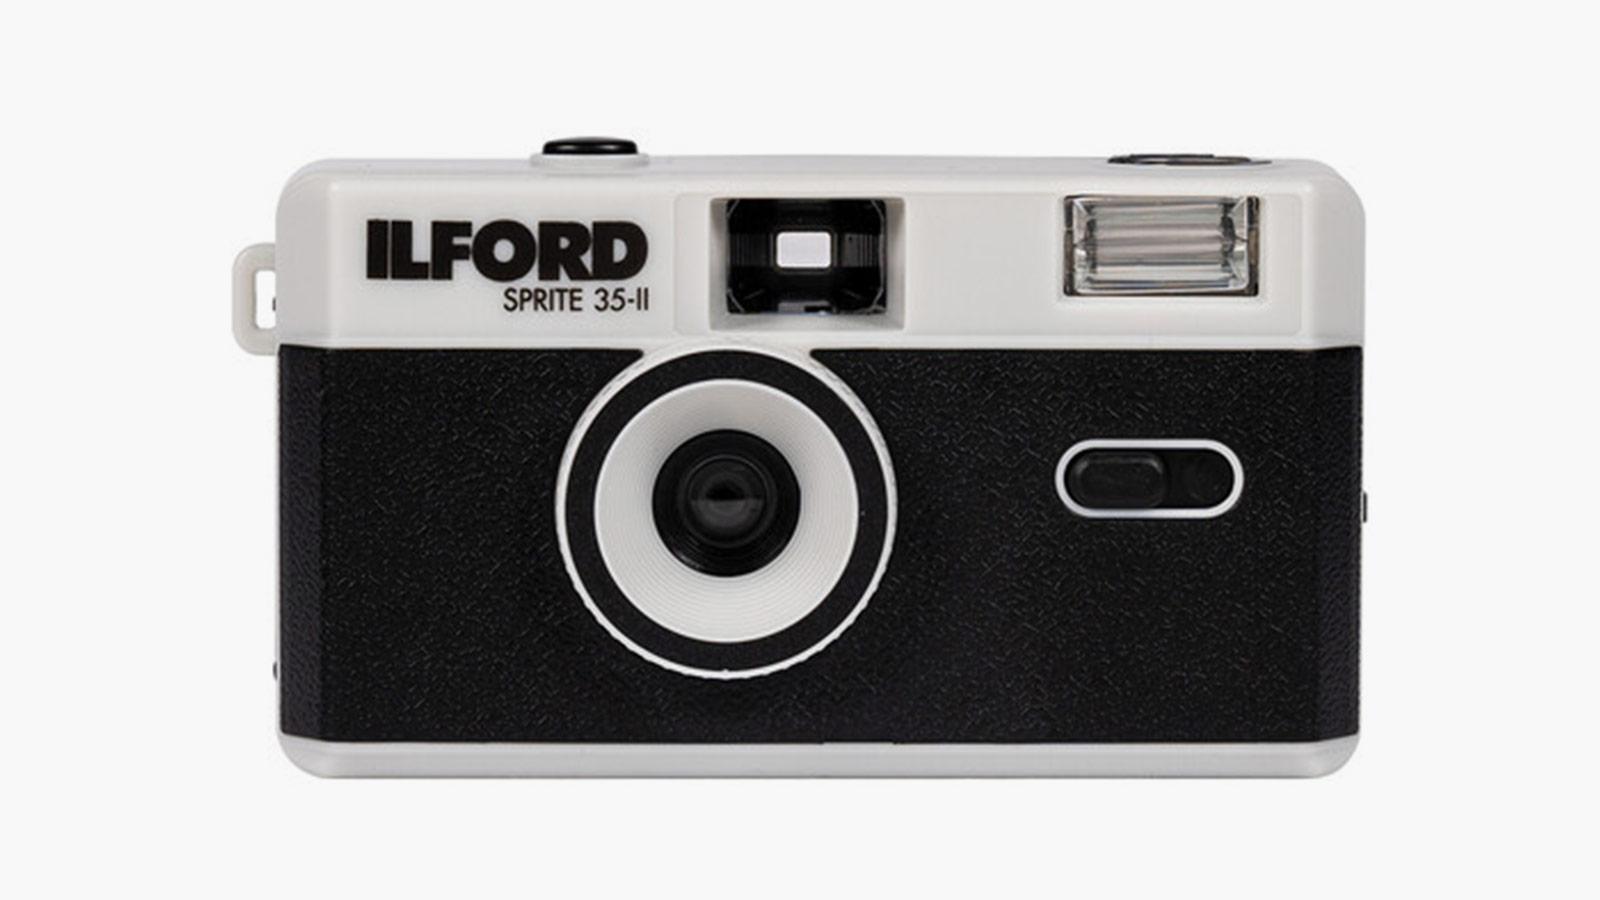 Ilford Sprite 35-II